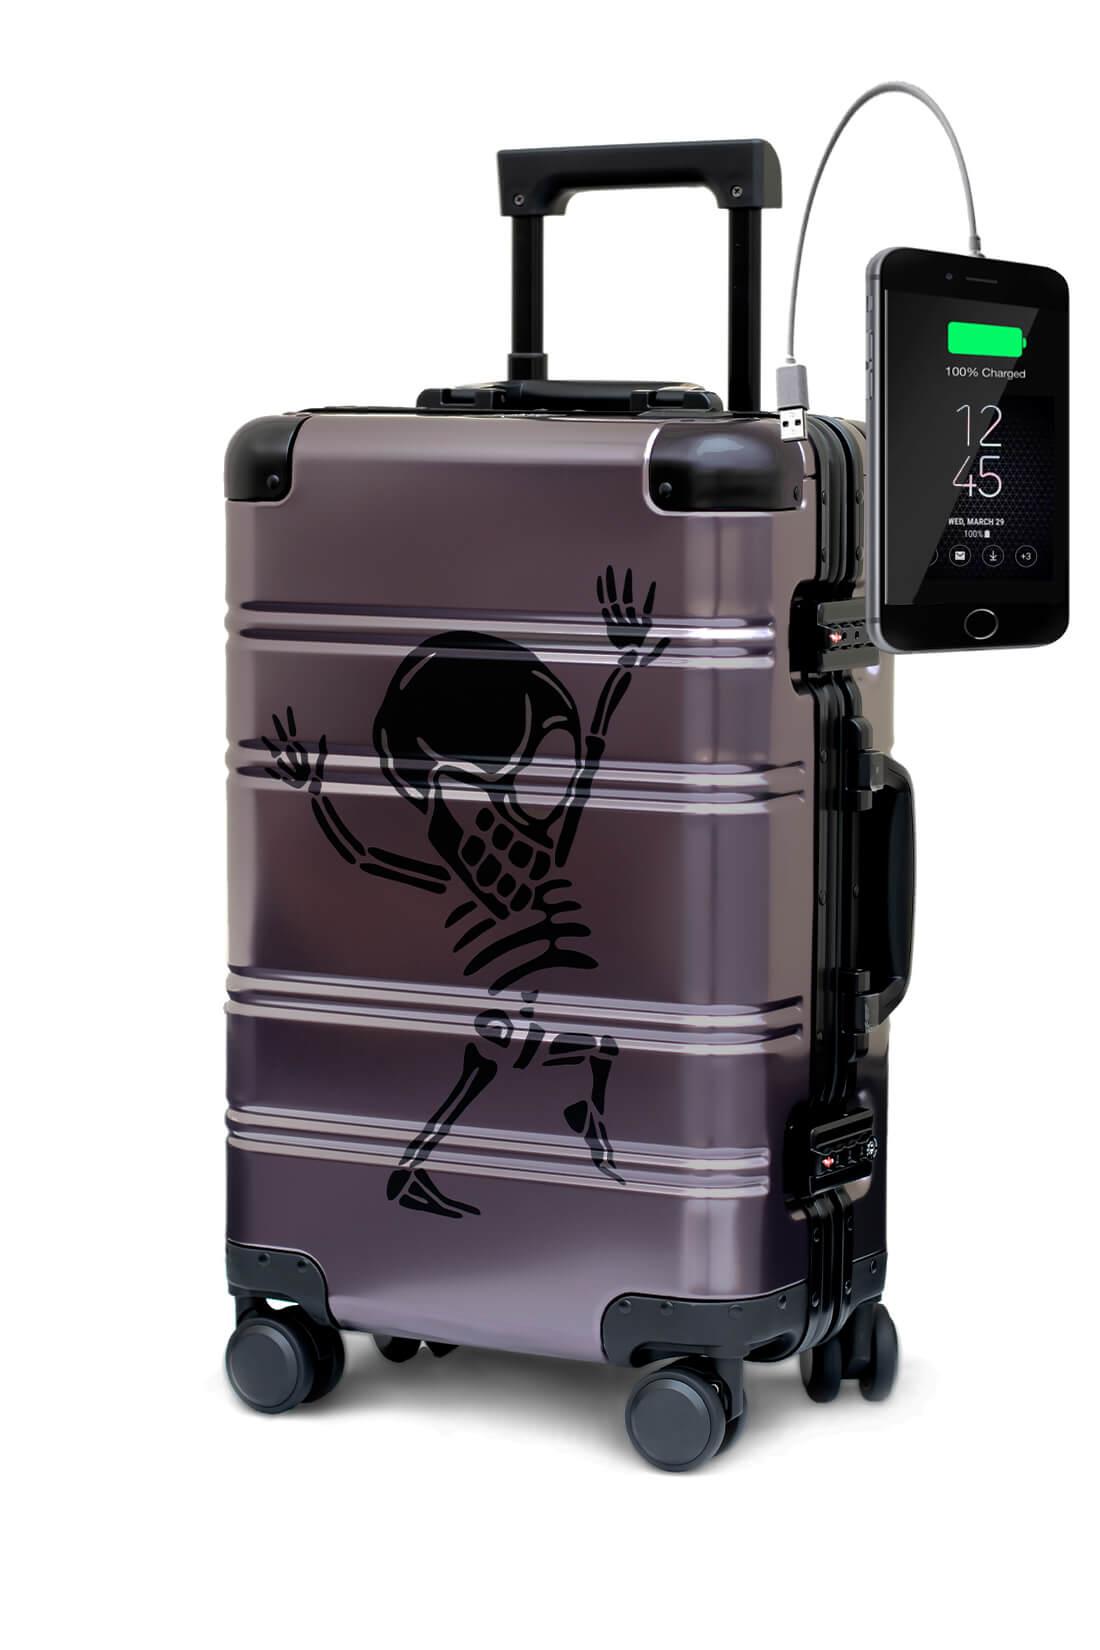 Valigia da cabina in alluminio divertimento online per giovani urbani con caricatore usb TOKYOTO LUGGAGE Money Heist 1